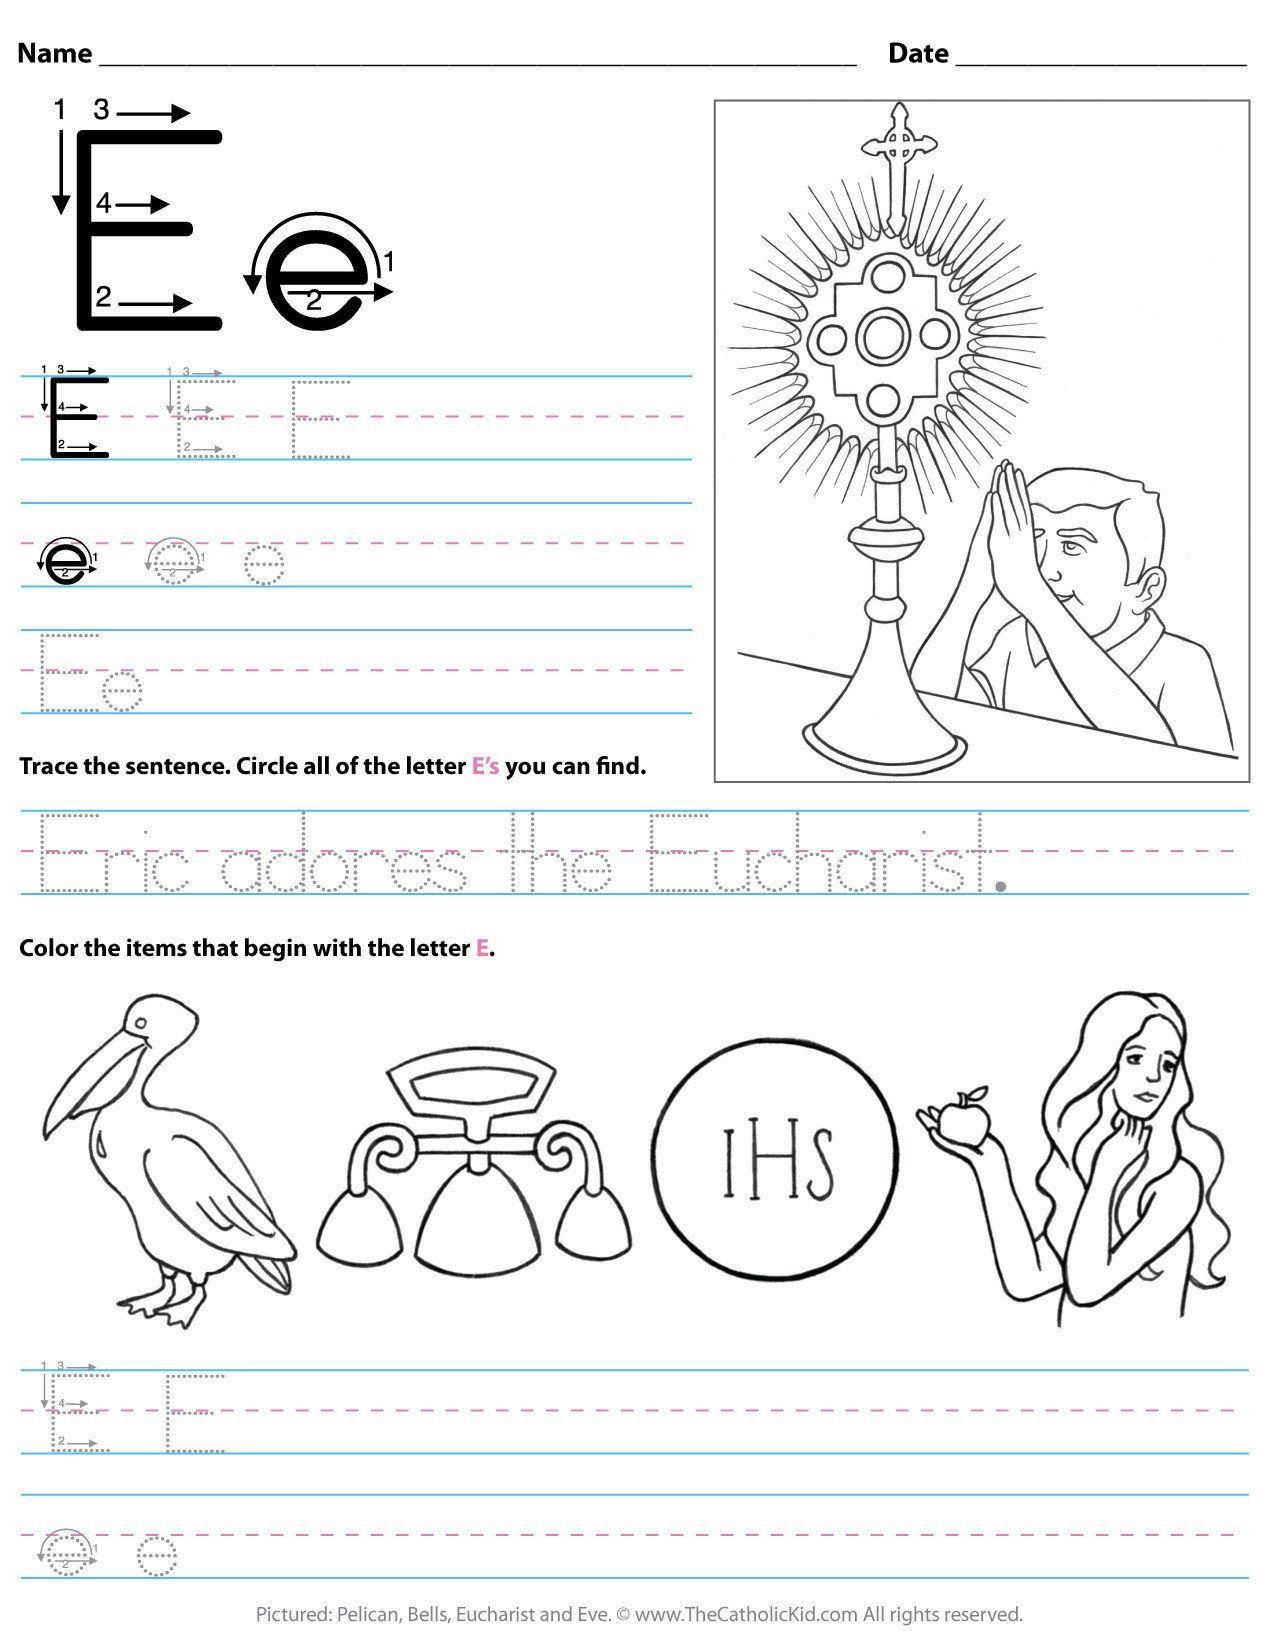 Letter E Worksheet For Kindergarten Catholic Alphabet Letter E Worksheet Preschool In 2020 Letter E Worksheets Alphabet Worksheets Kindergarten Alphabet Coloring Pages